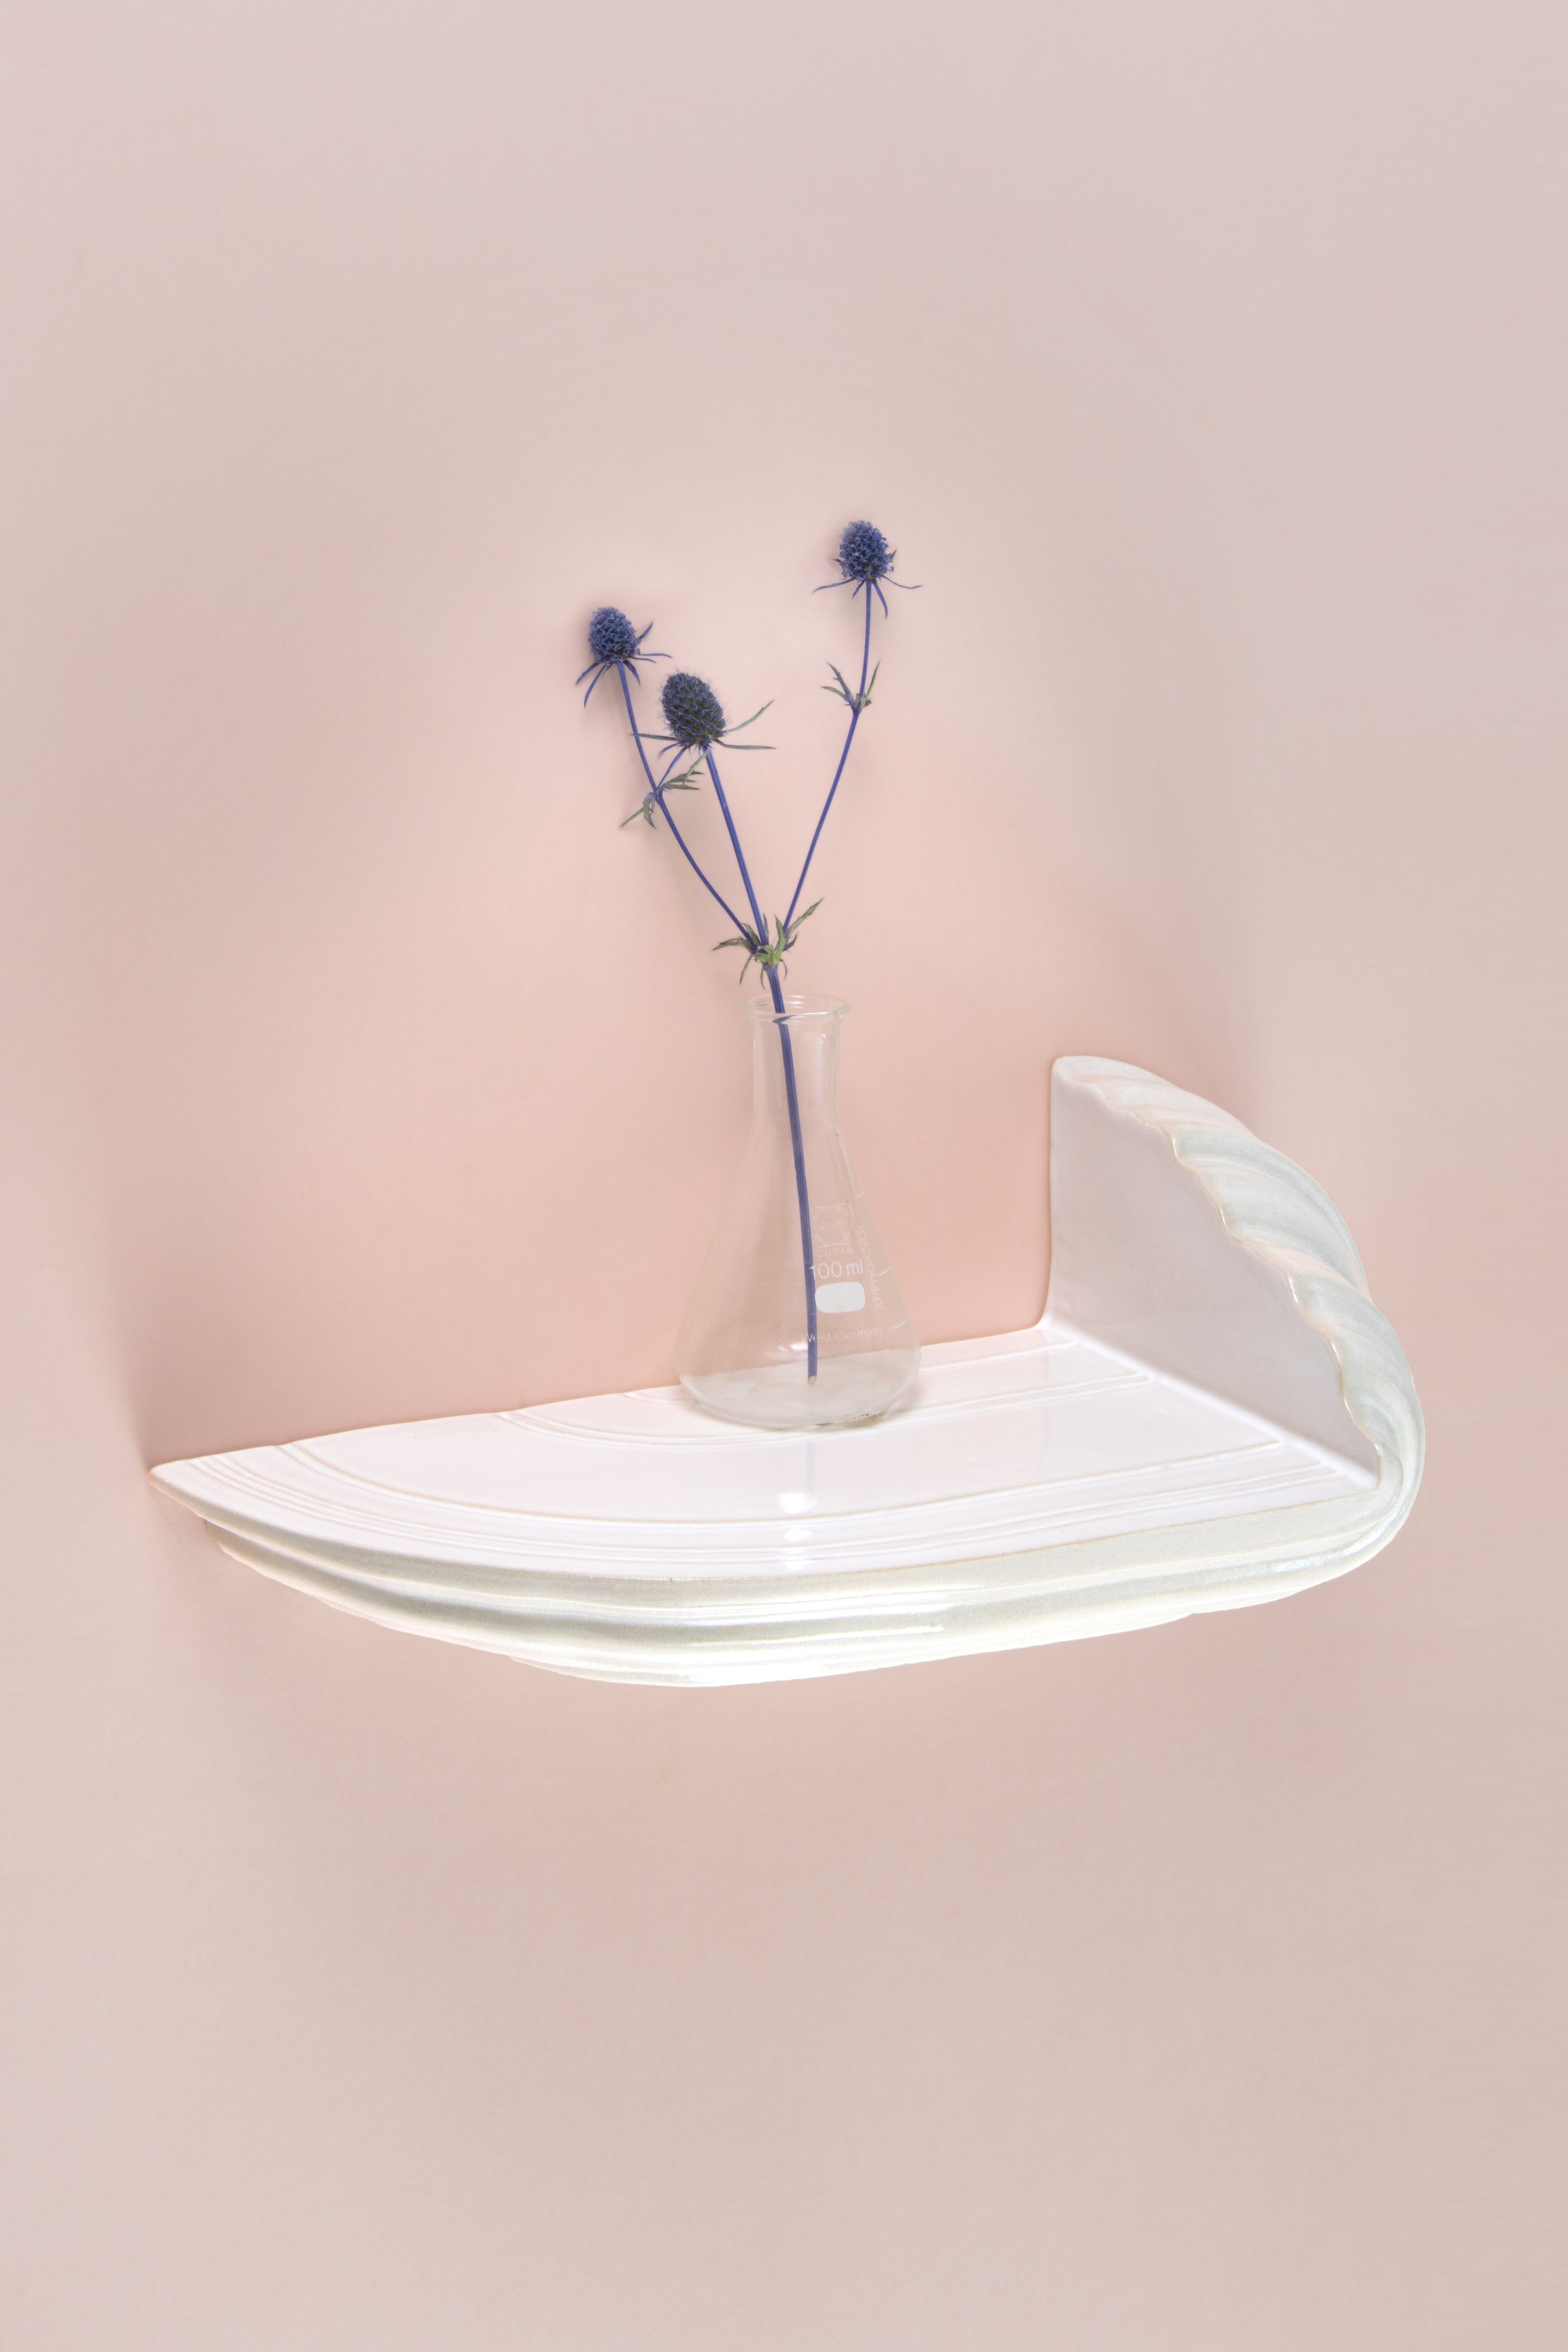 Boschroom M - top side on pink - David Derksen Design.jpg